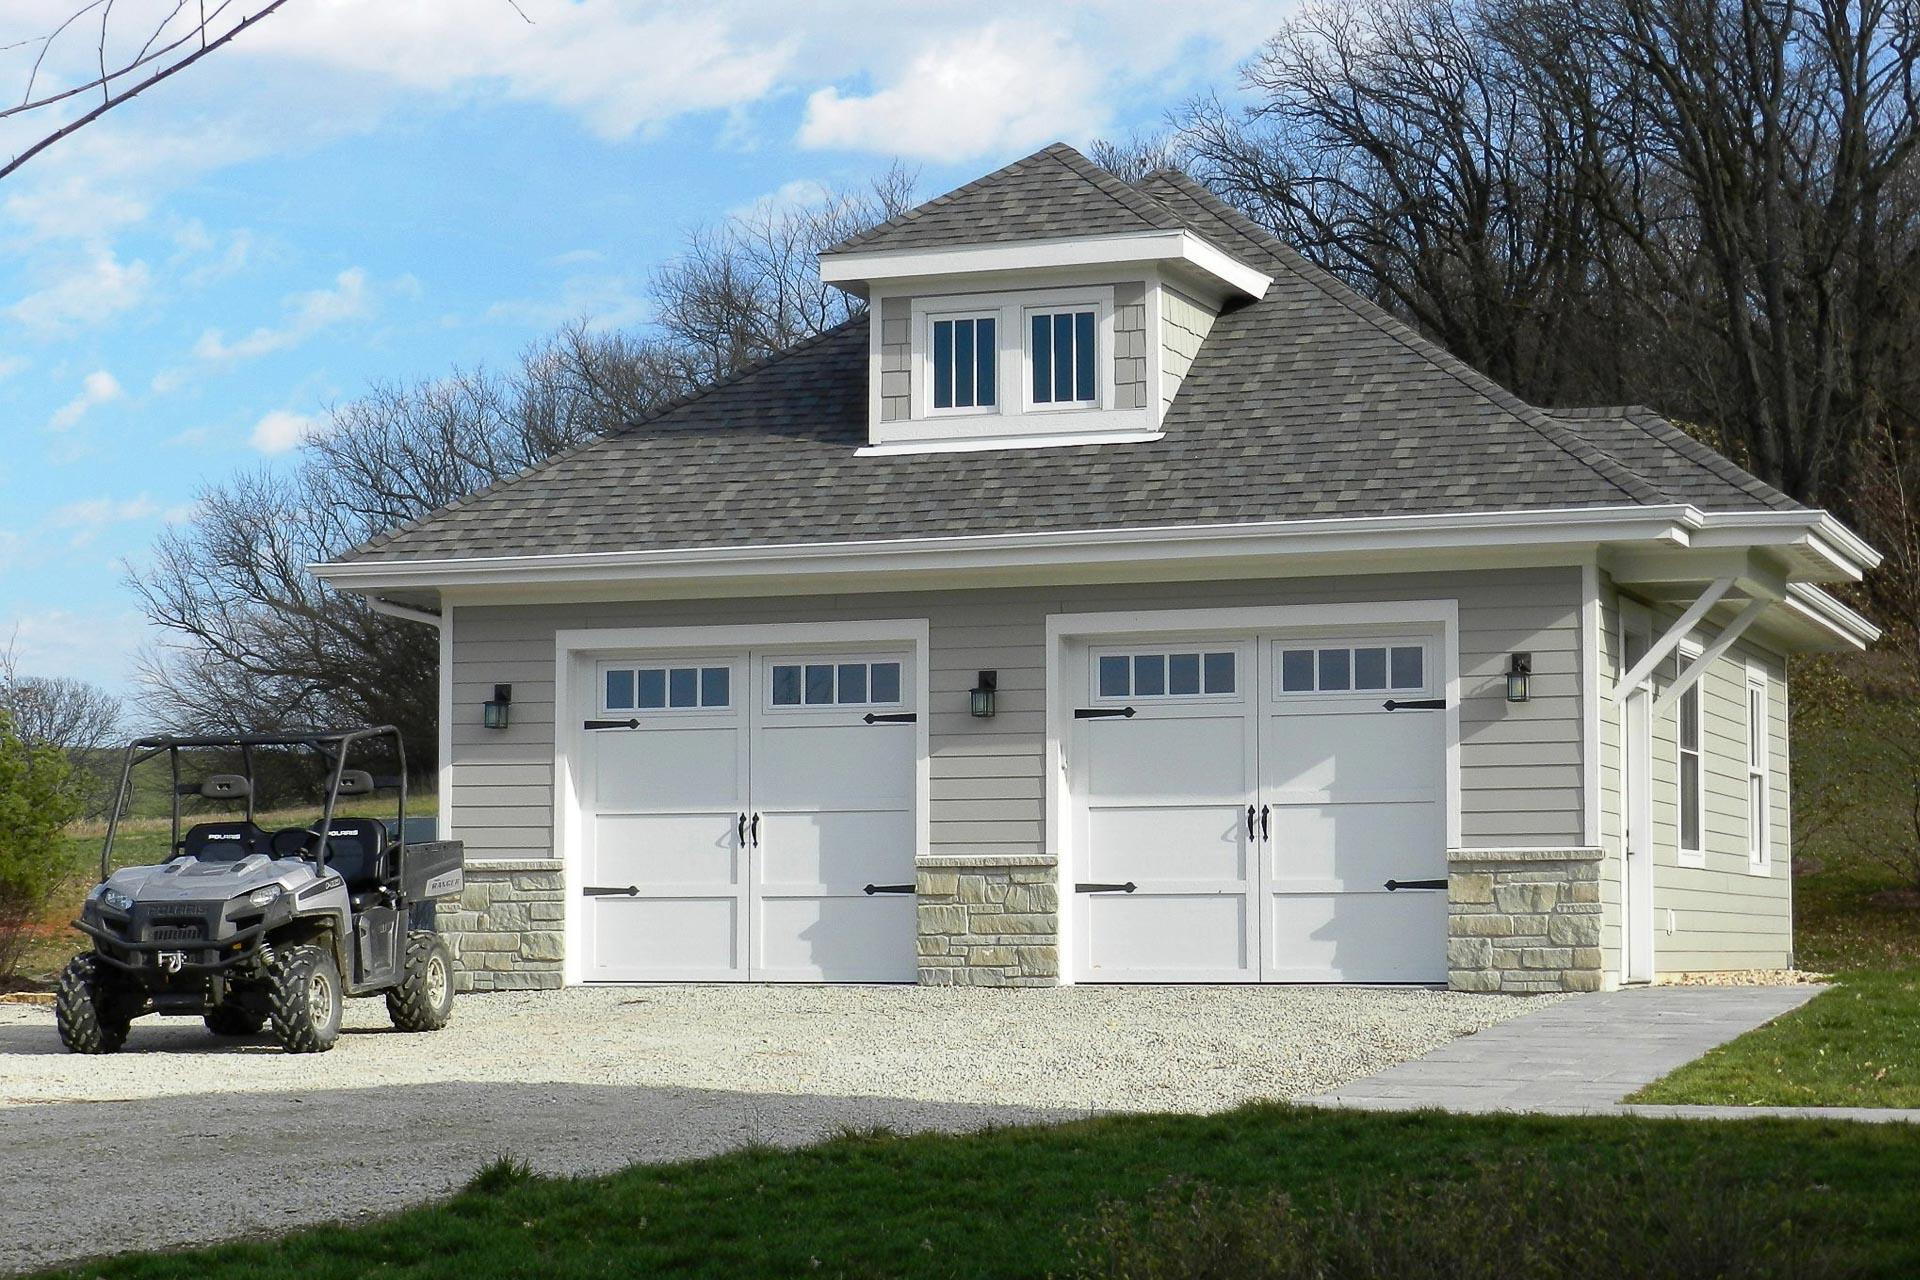 detachedtwocargaragedesign – Detached Two Car Garage Plans